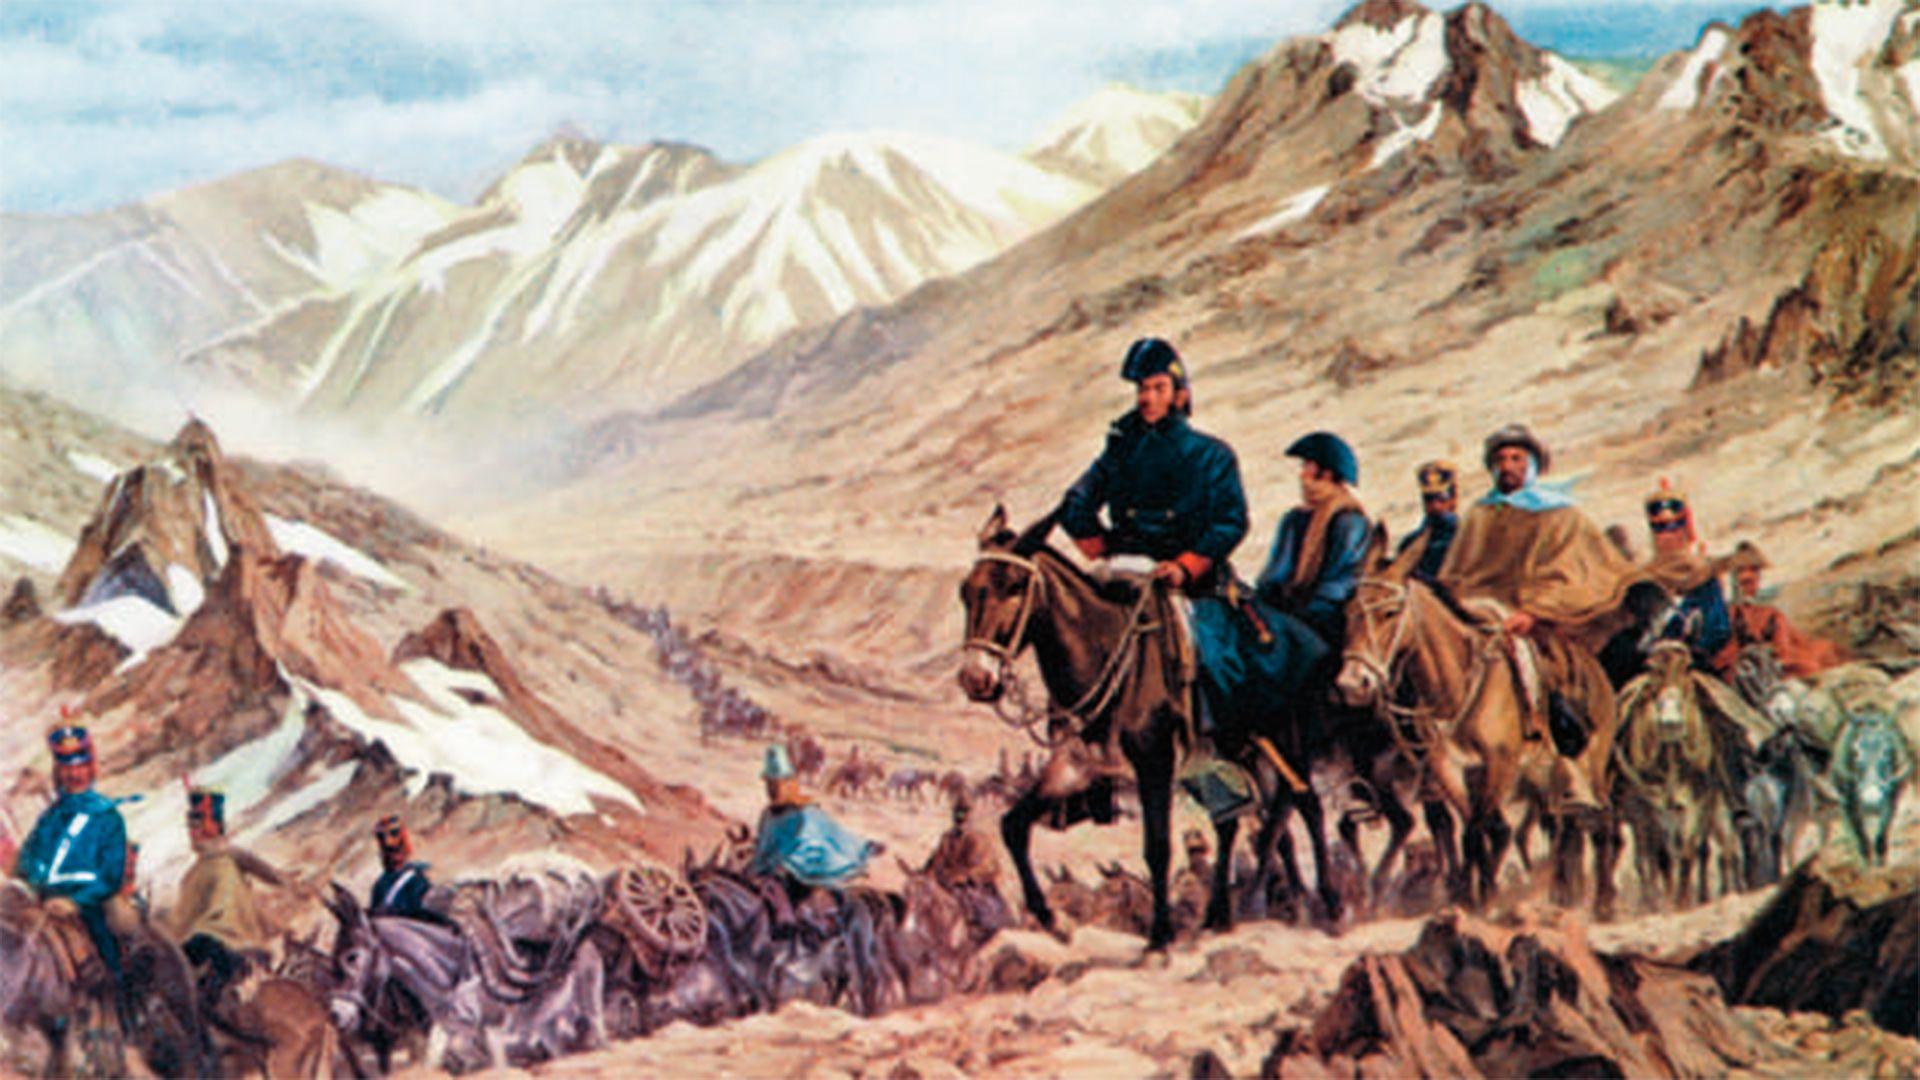 El cruce de los Andes provocó la Independencia de tres países y es recordado como un gesta militar en las páginas de historia